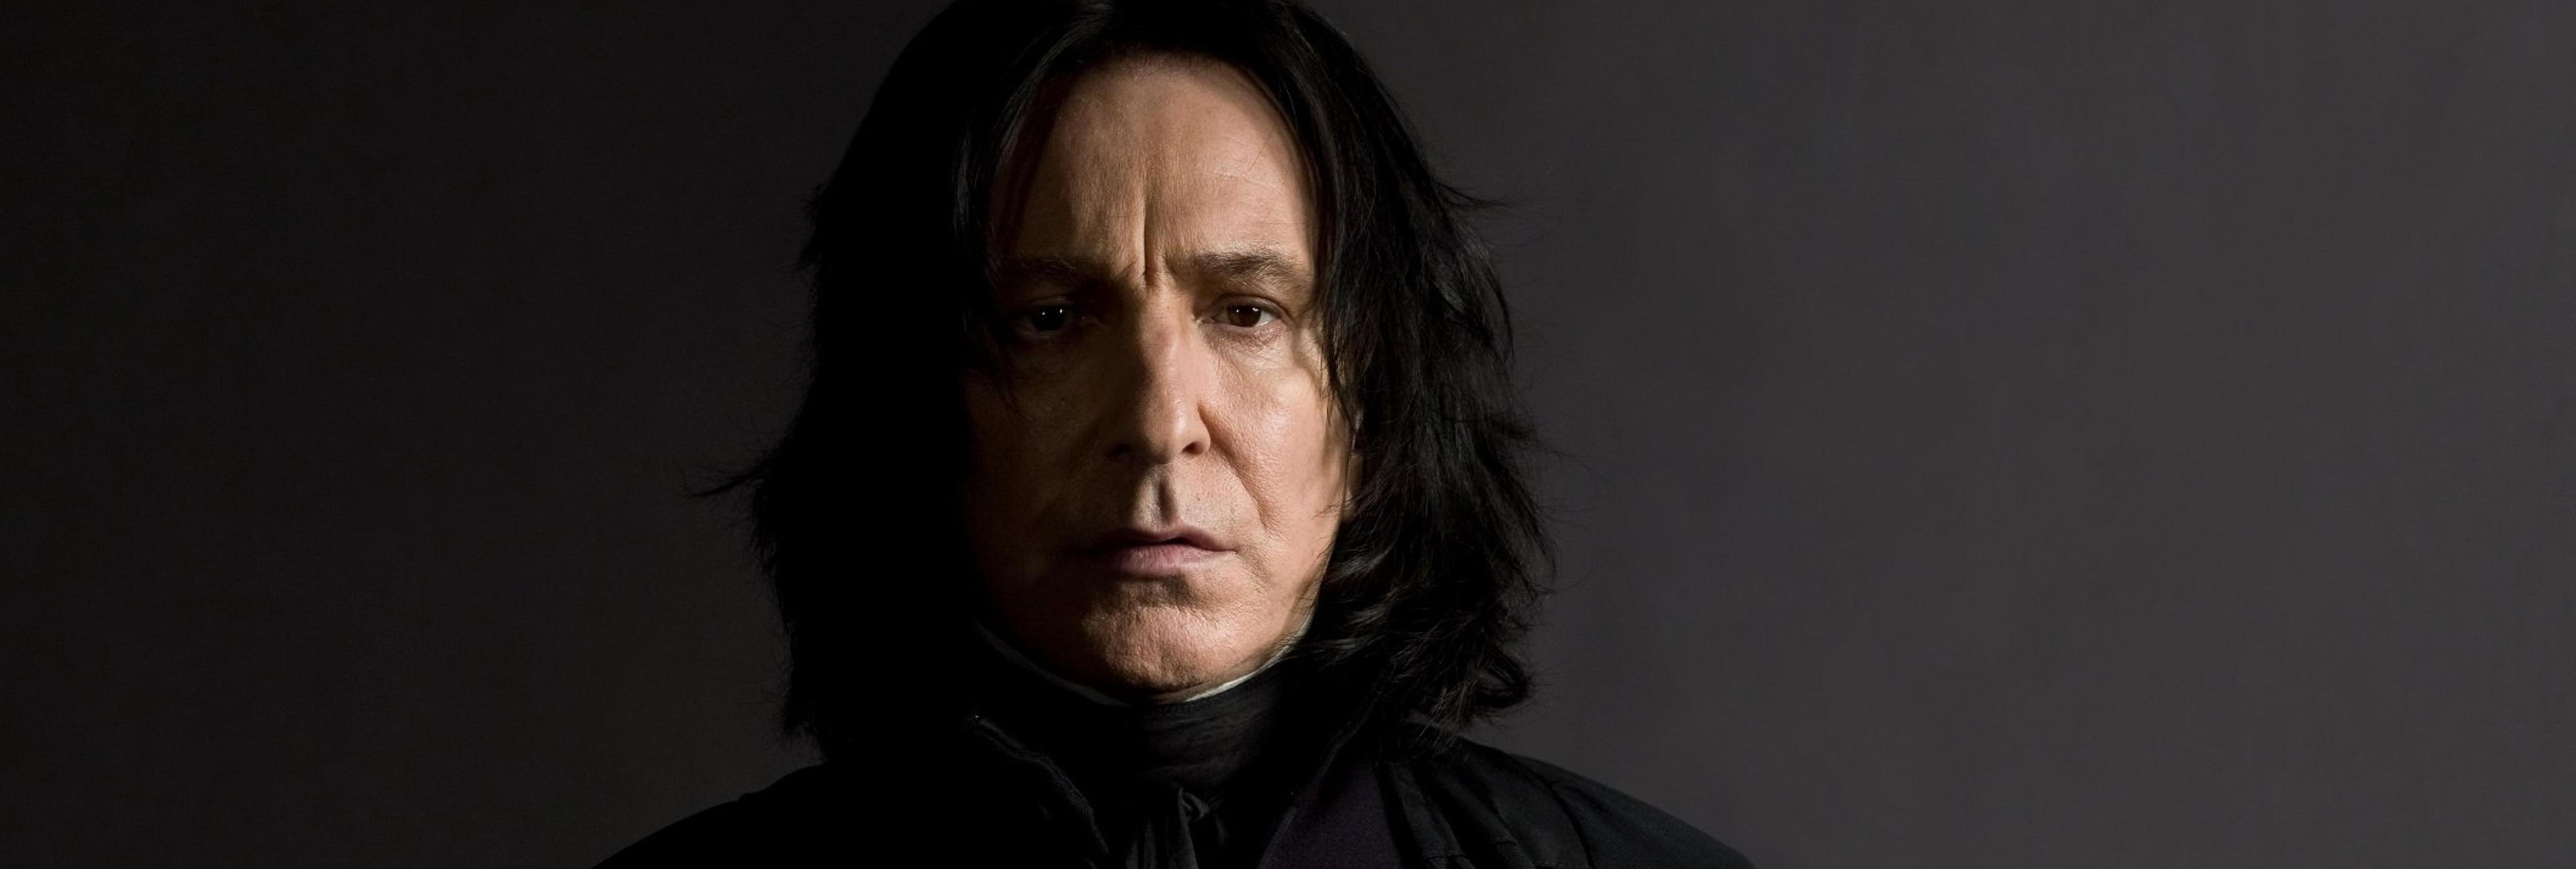 Una teoría sobre 'Harry Potter' asegura que Severus Snape es transgénero